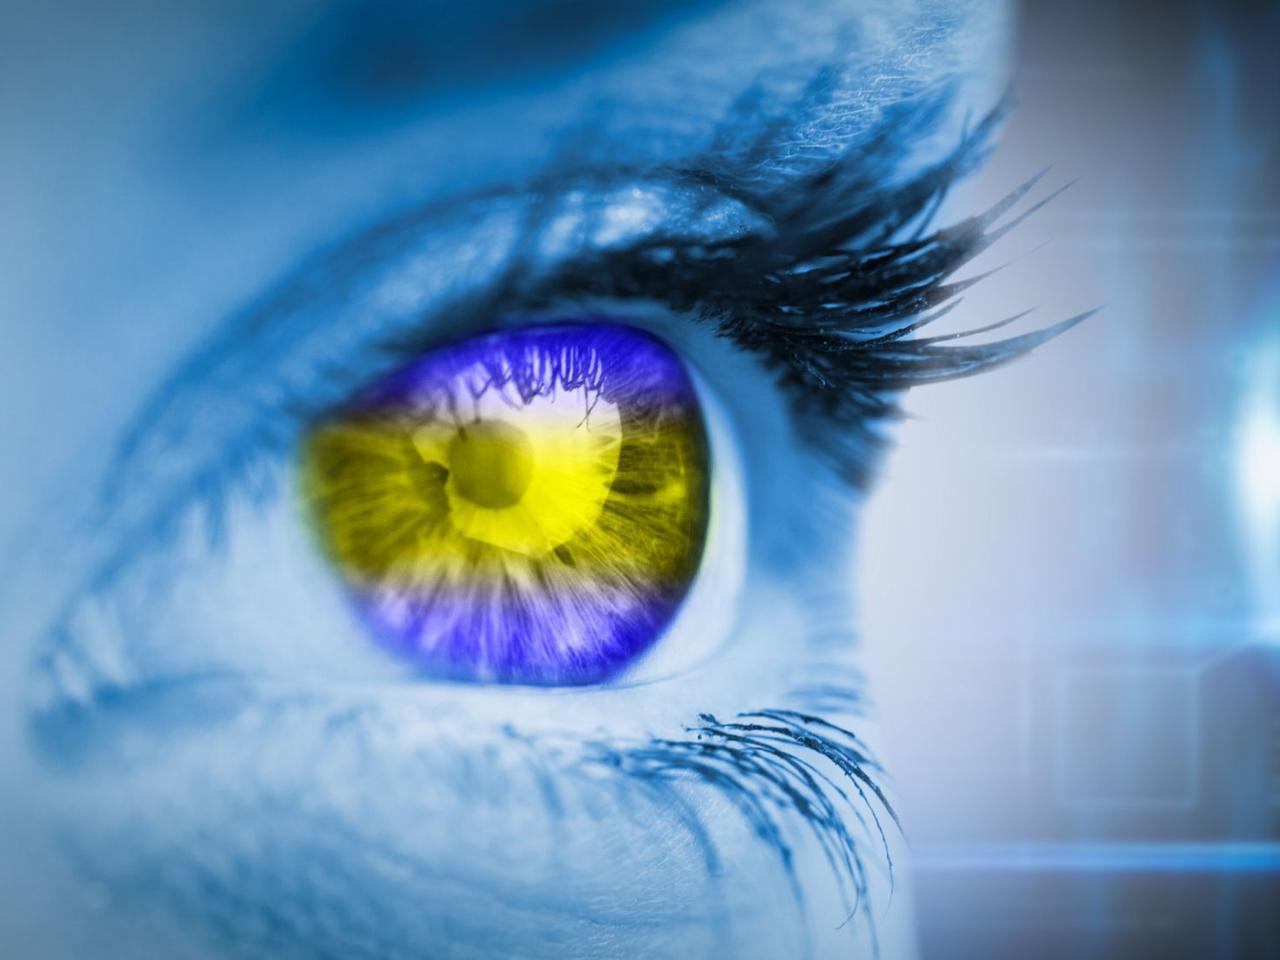 Открытки день офтальмолога, открытку